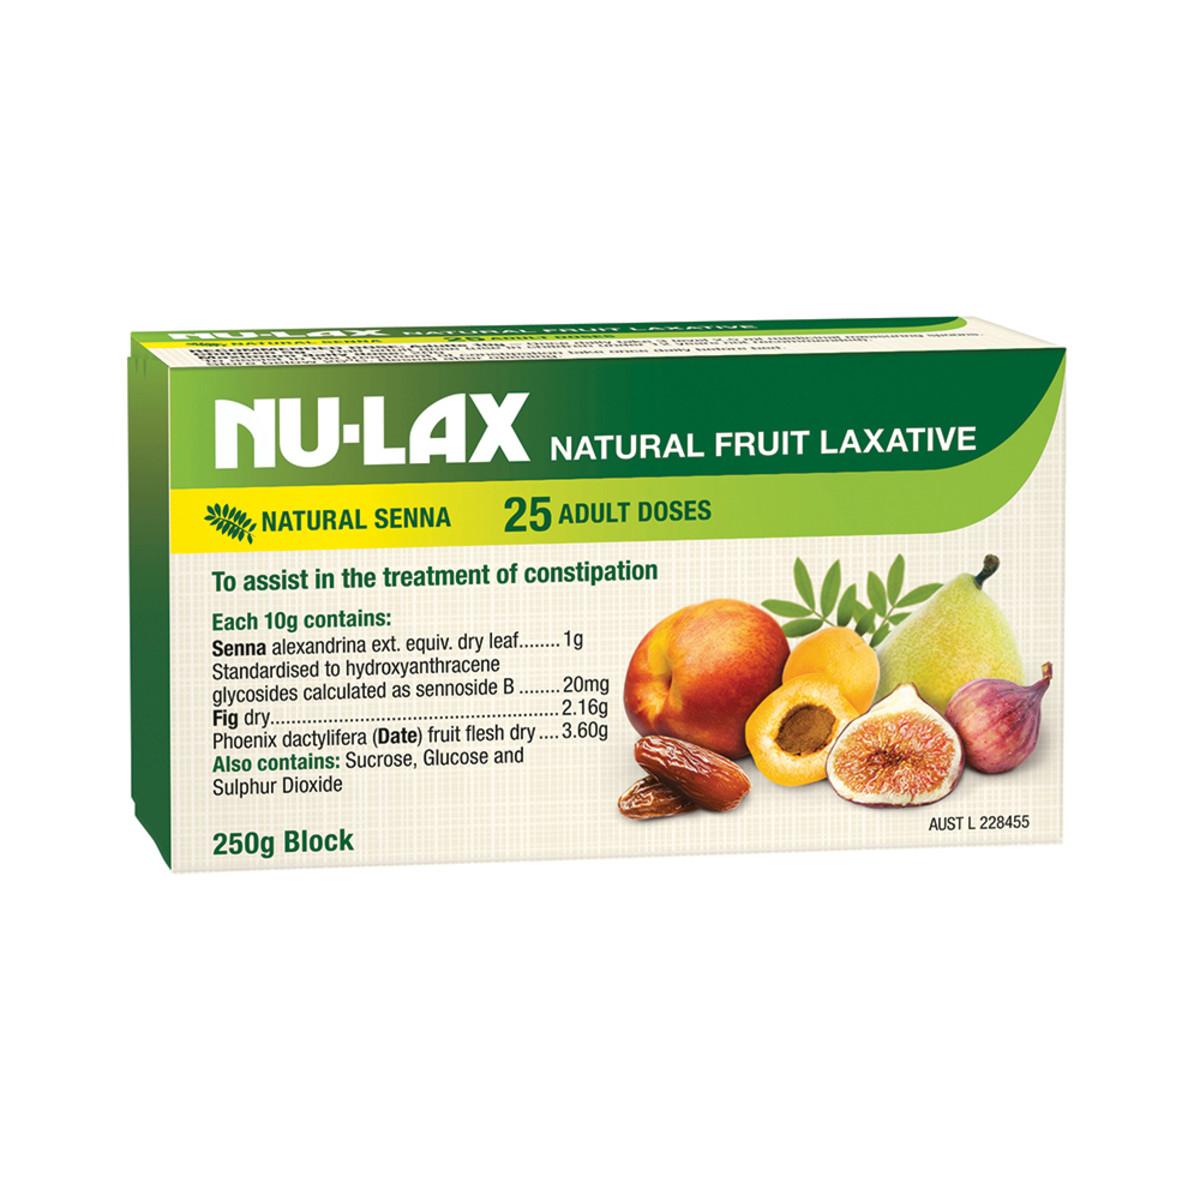 NU-LAX 250G